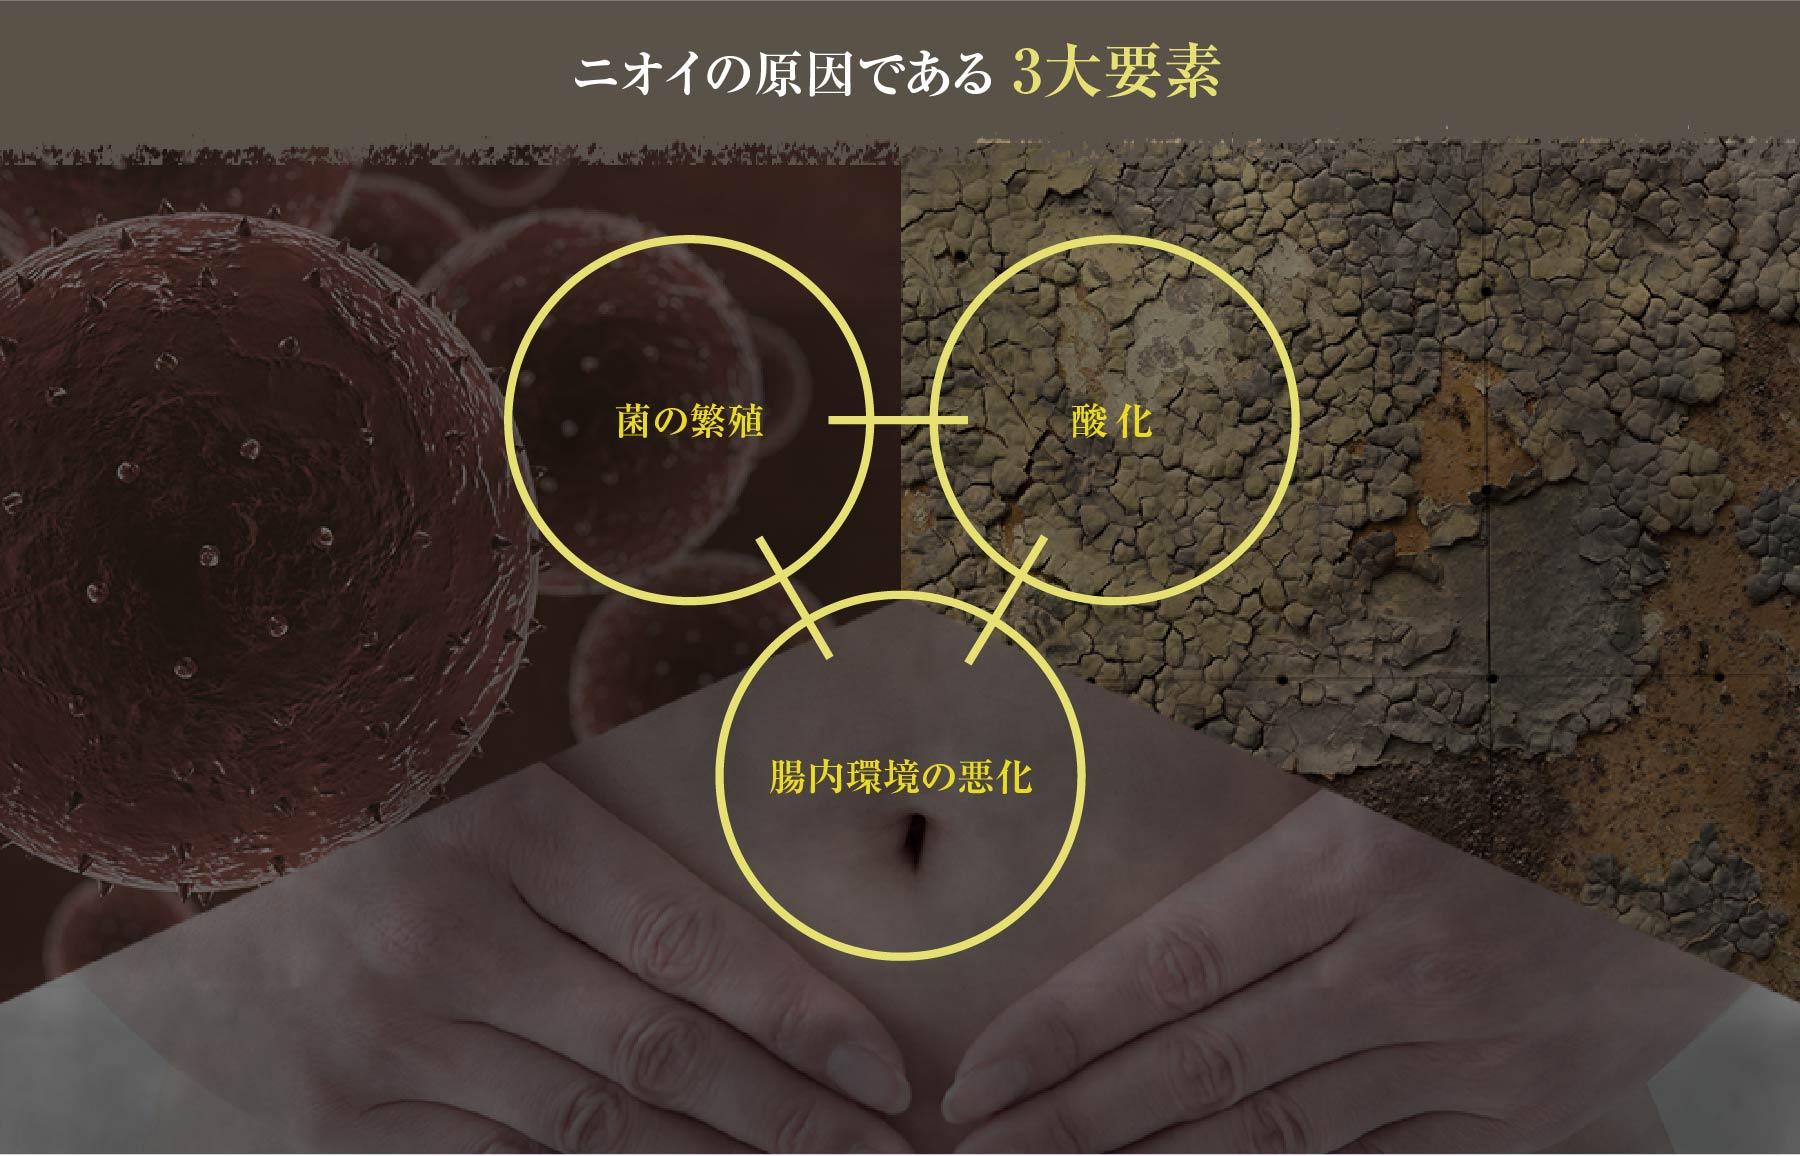 ニオイの原因である 3大要素